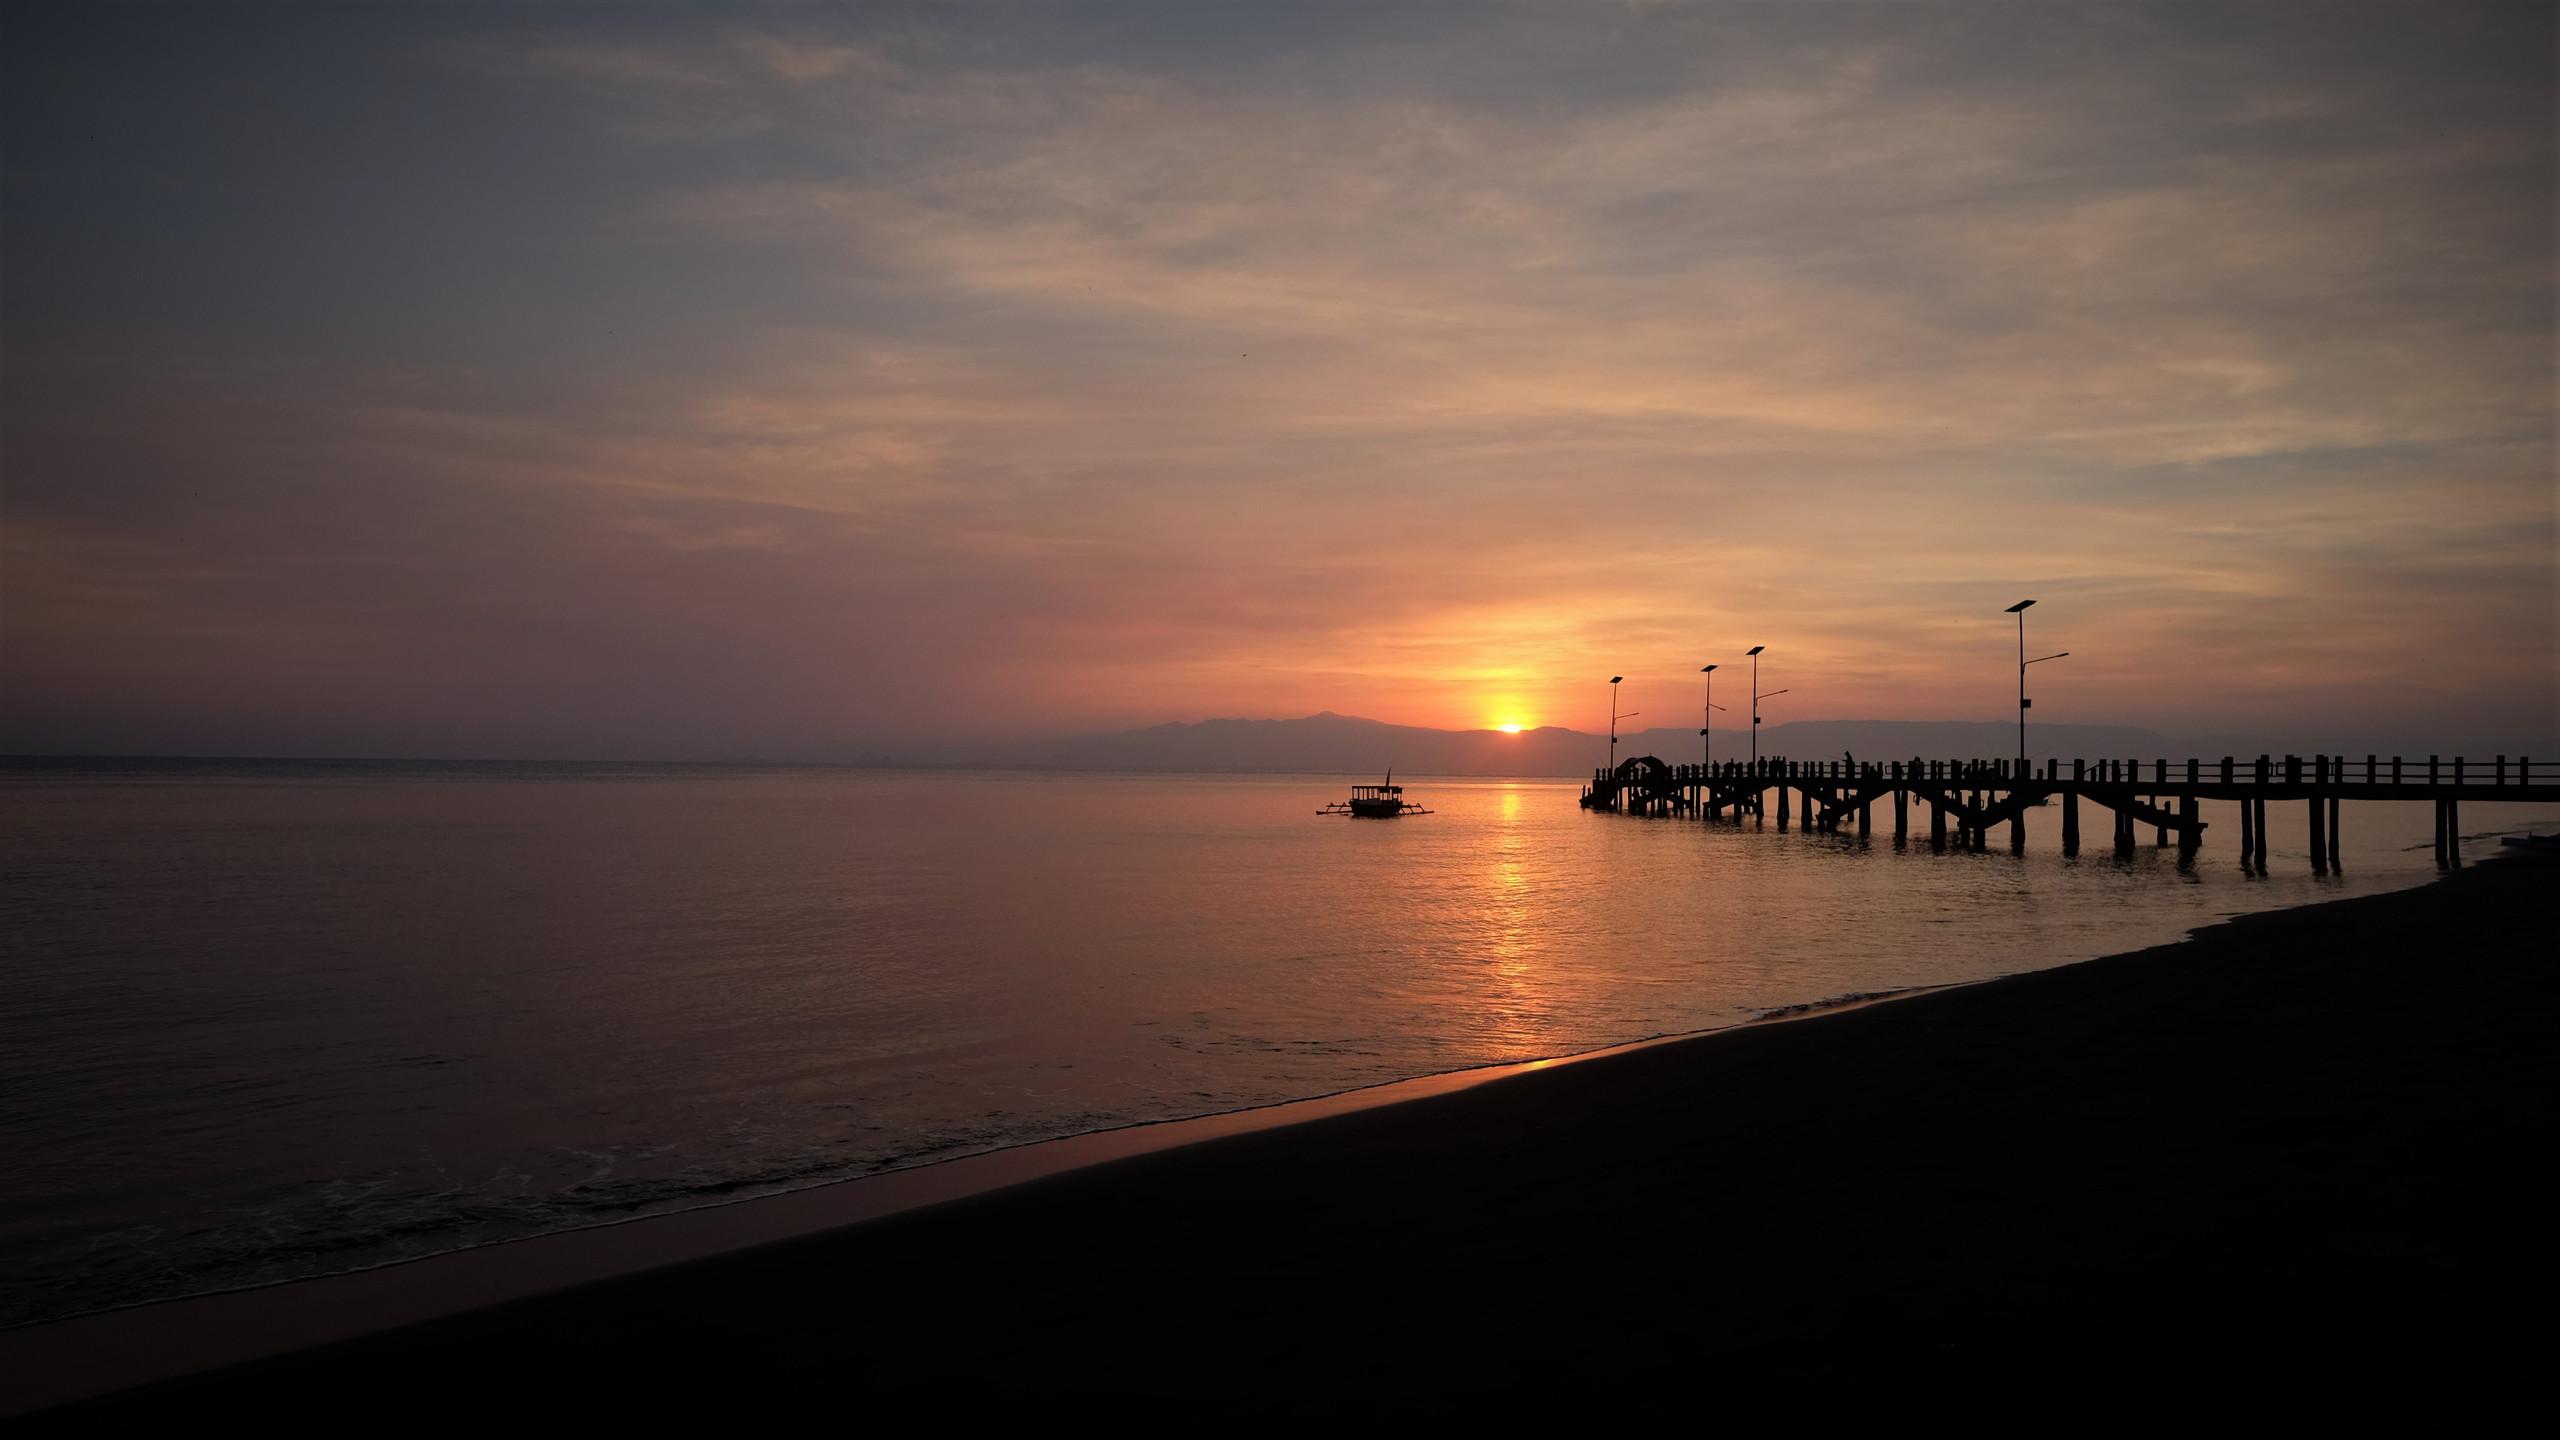 Début de la journée sur la plage pour le levé de soleil.